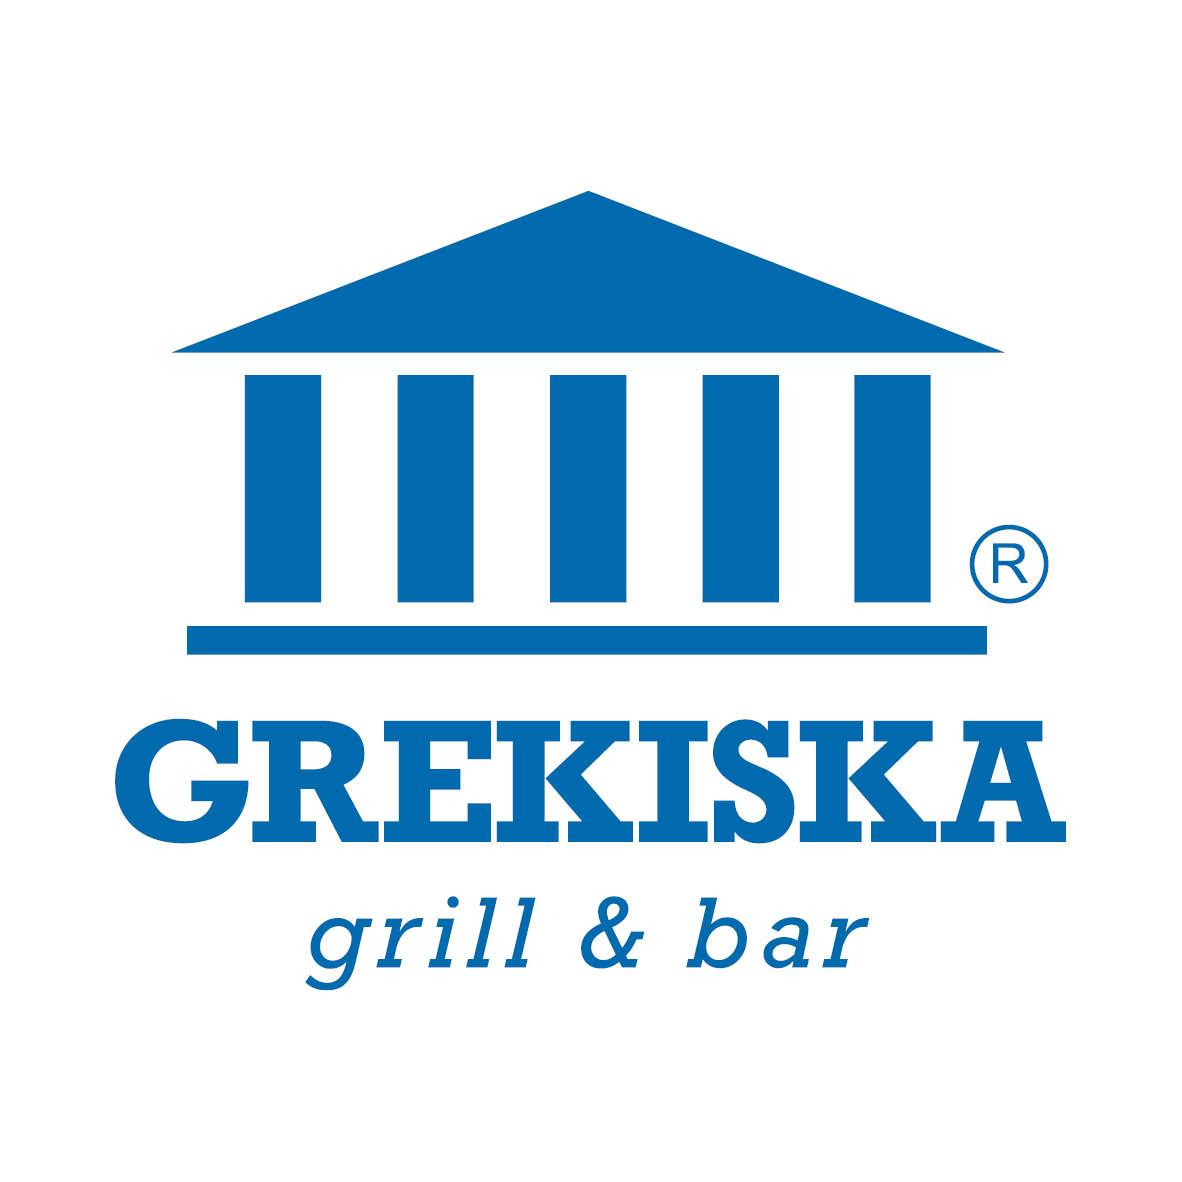 Grekiska